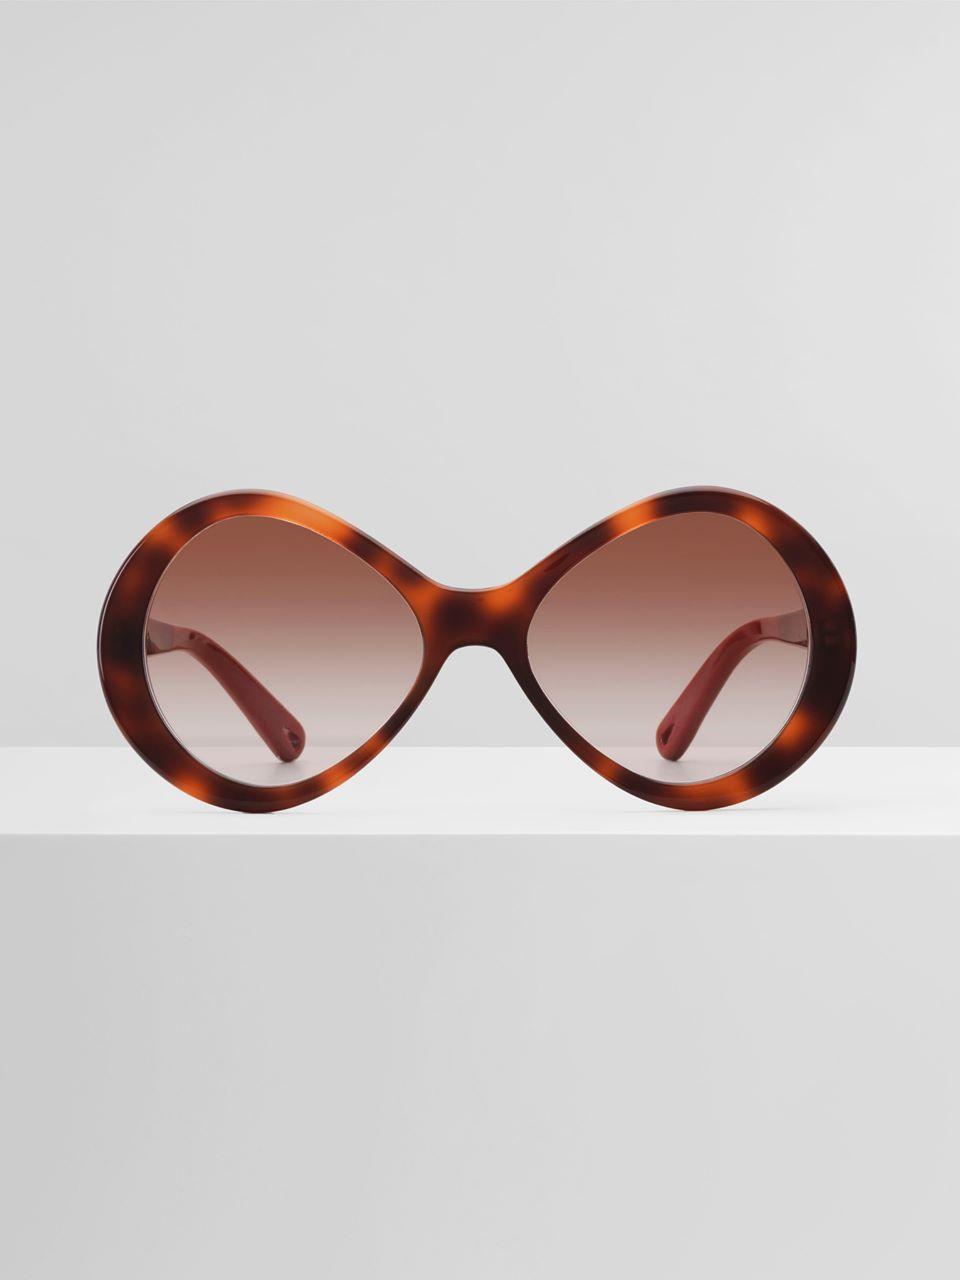 CHLOÉ Bonnie sunglasses Women's Havana & light brown lens 100% Acetate